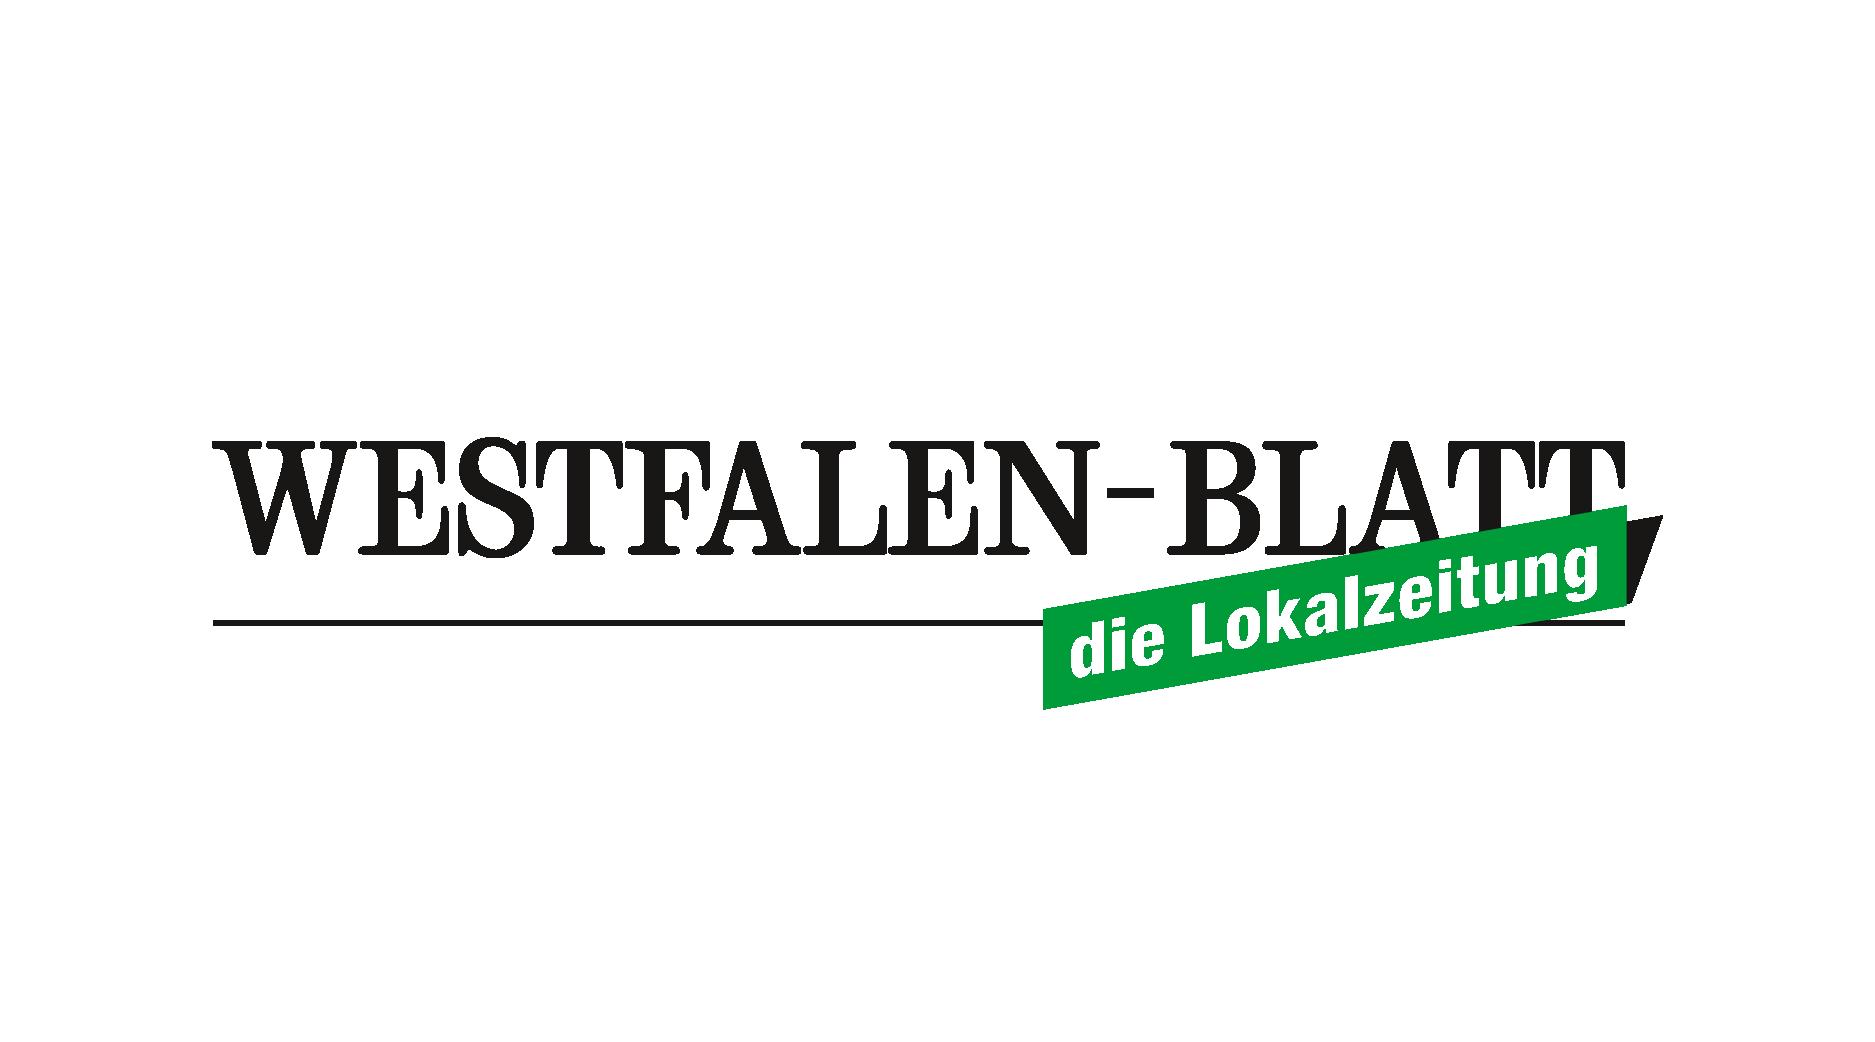 Logo Westfalen-Blatt